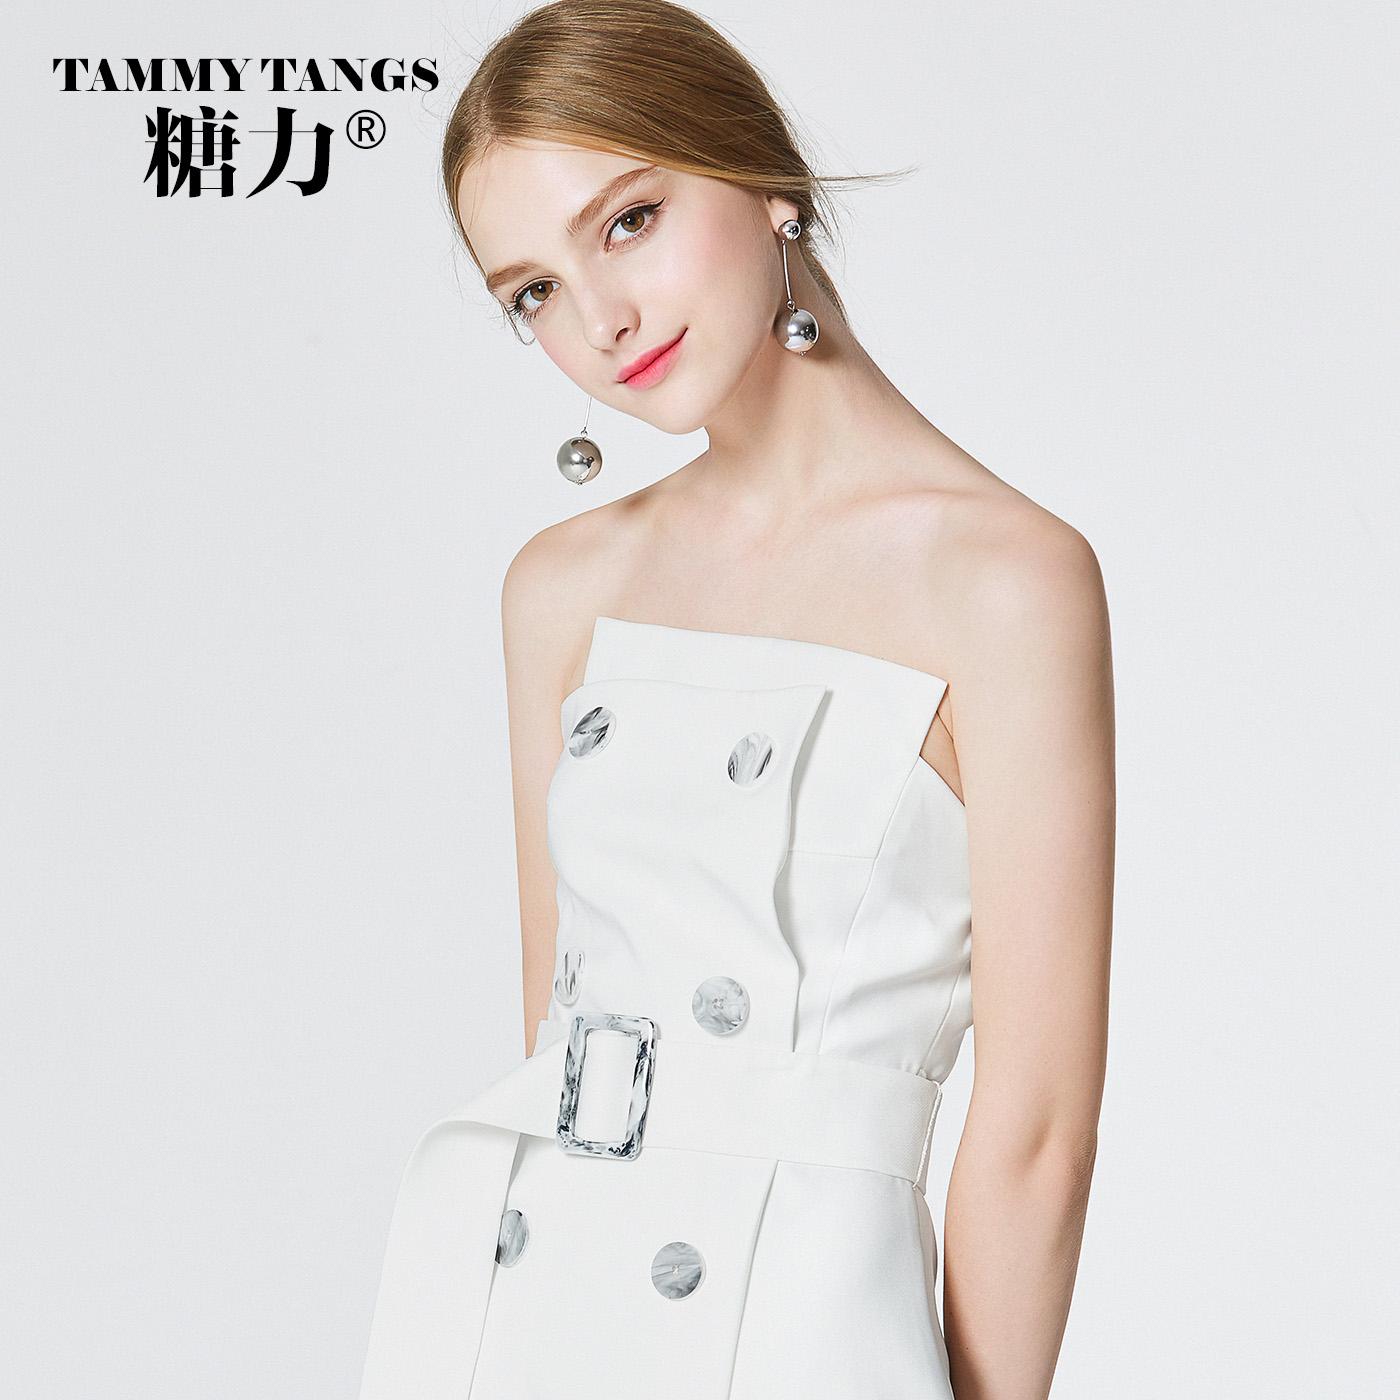 糖力春装新款欧美女装白色无袖连衣裙显瘦系带抹胸礼服露肩A字裙